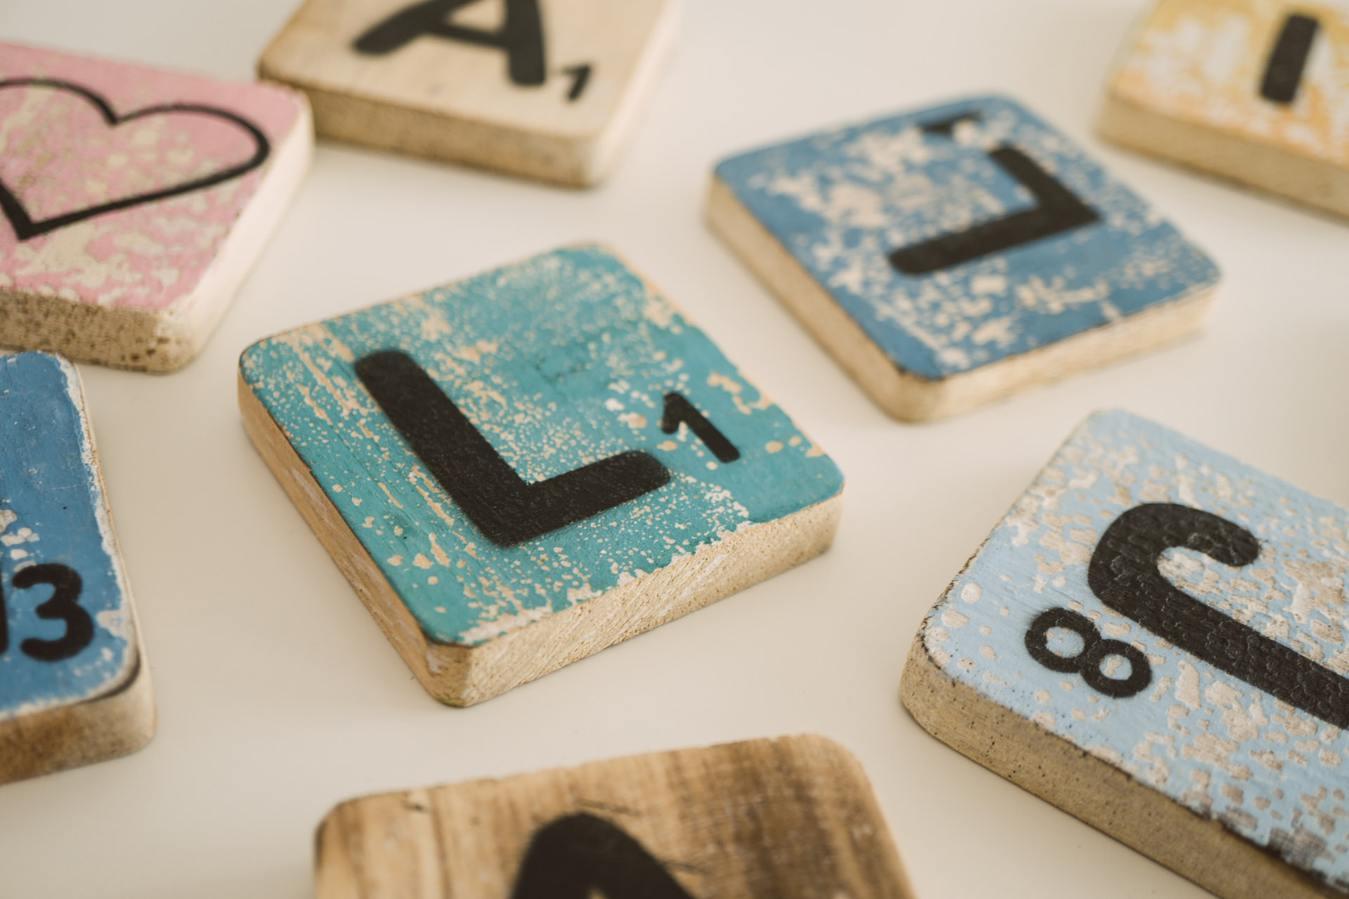 khối gỗ có sơn con chữ